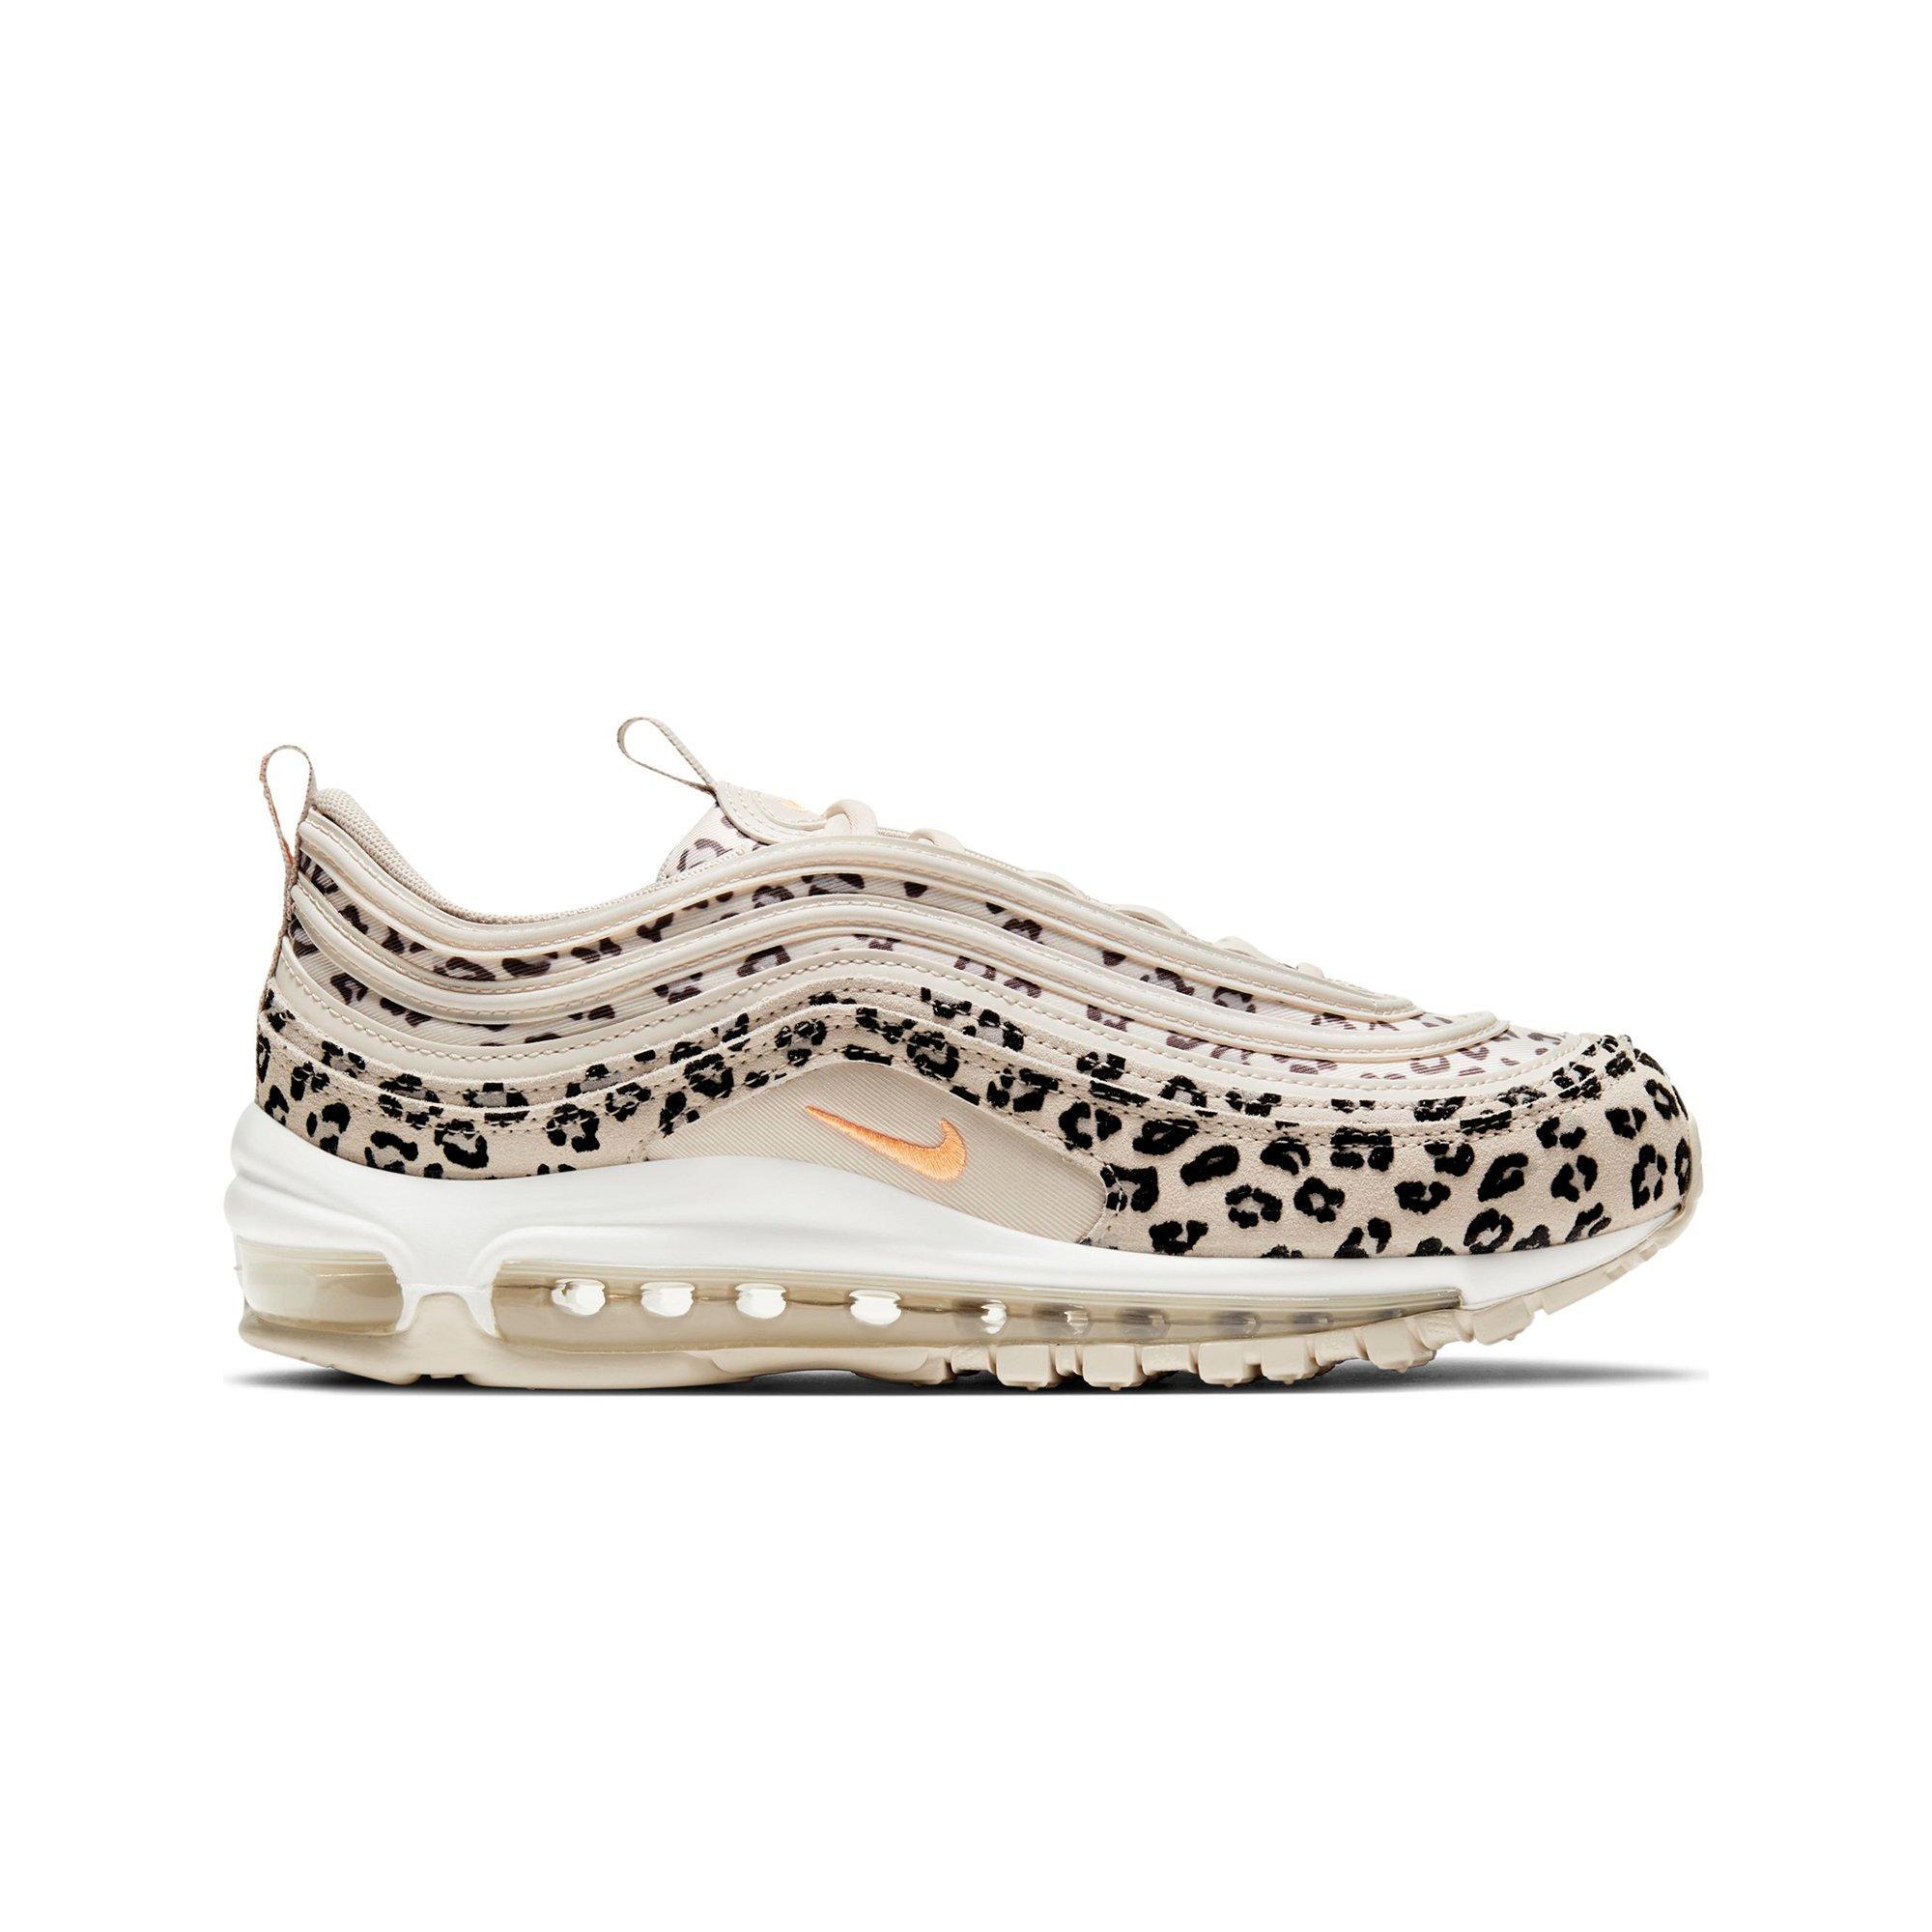 Nike Air Max 97 SE Cheetah